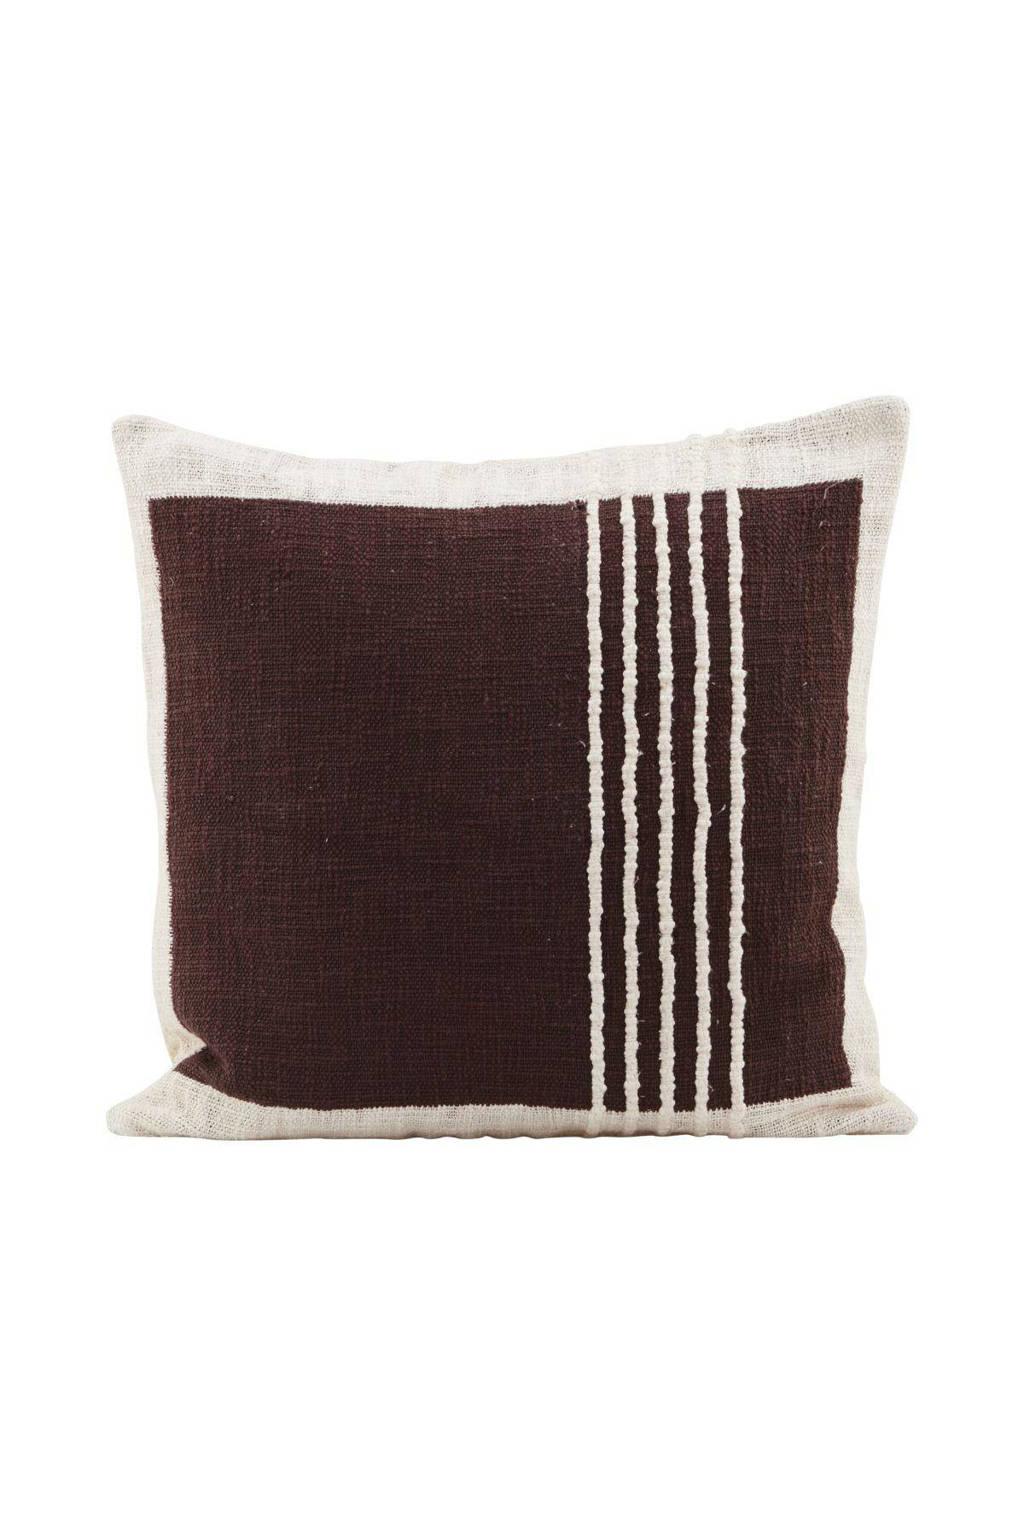 House Doctor sierkussenhoes Yarn  (50x50 cm), Bruin